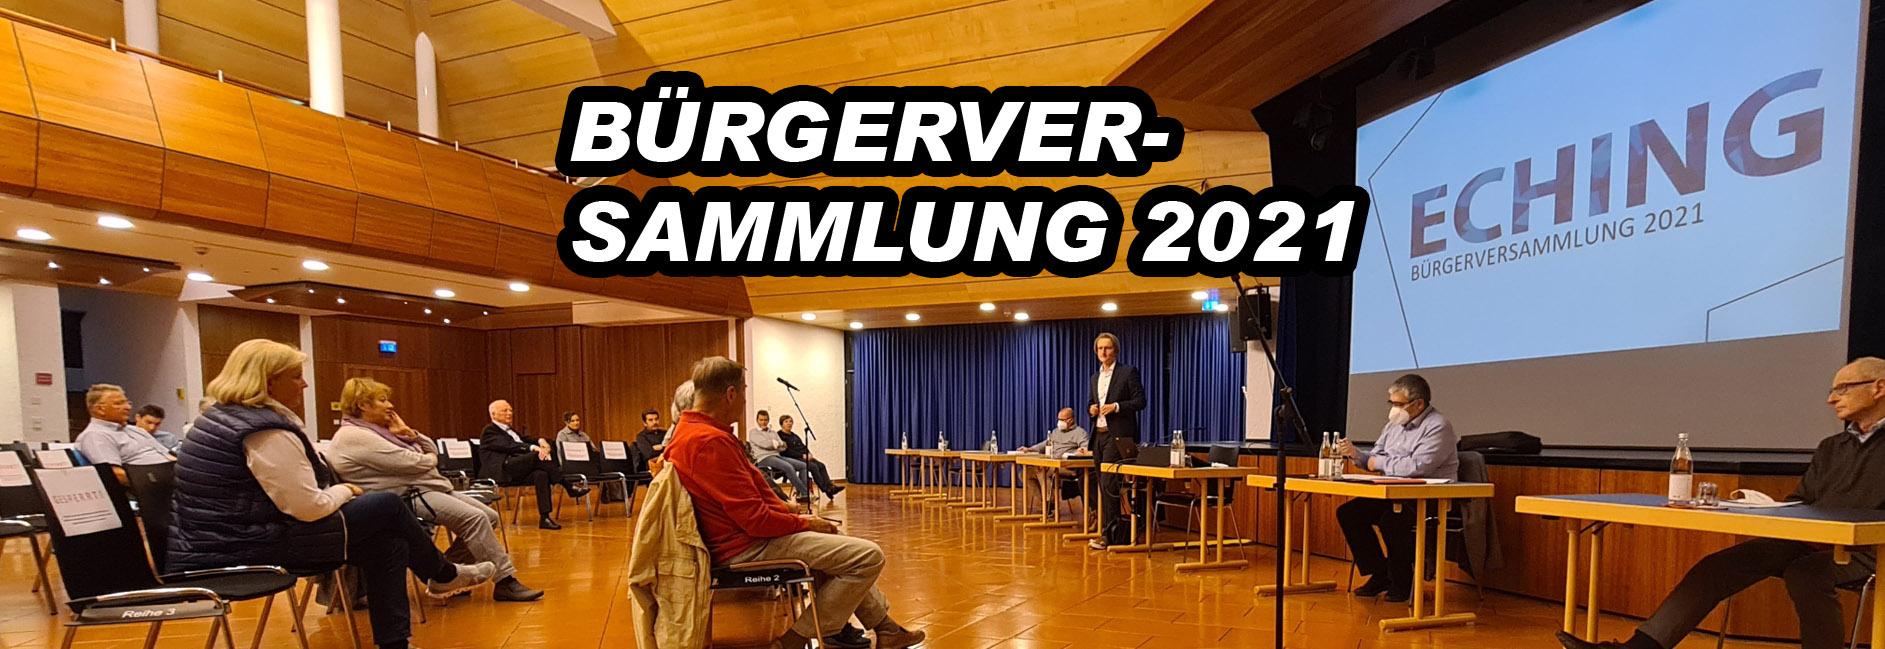 Bürgerversammlung 2021 Echinger Rundschau